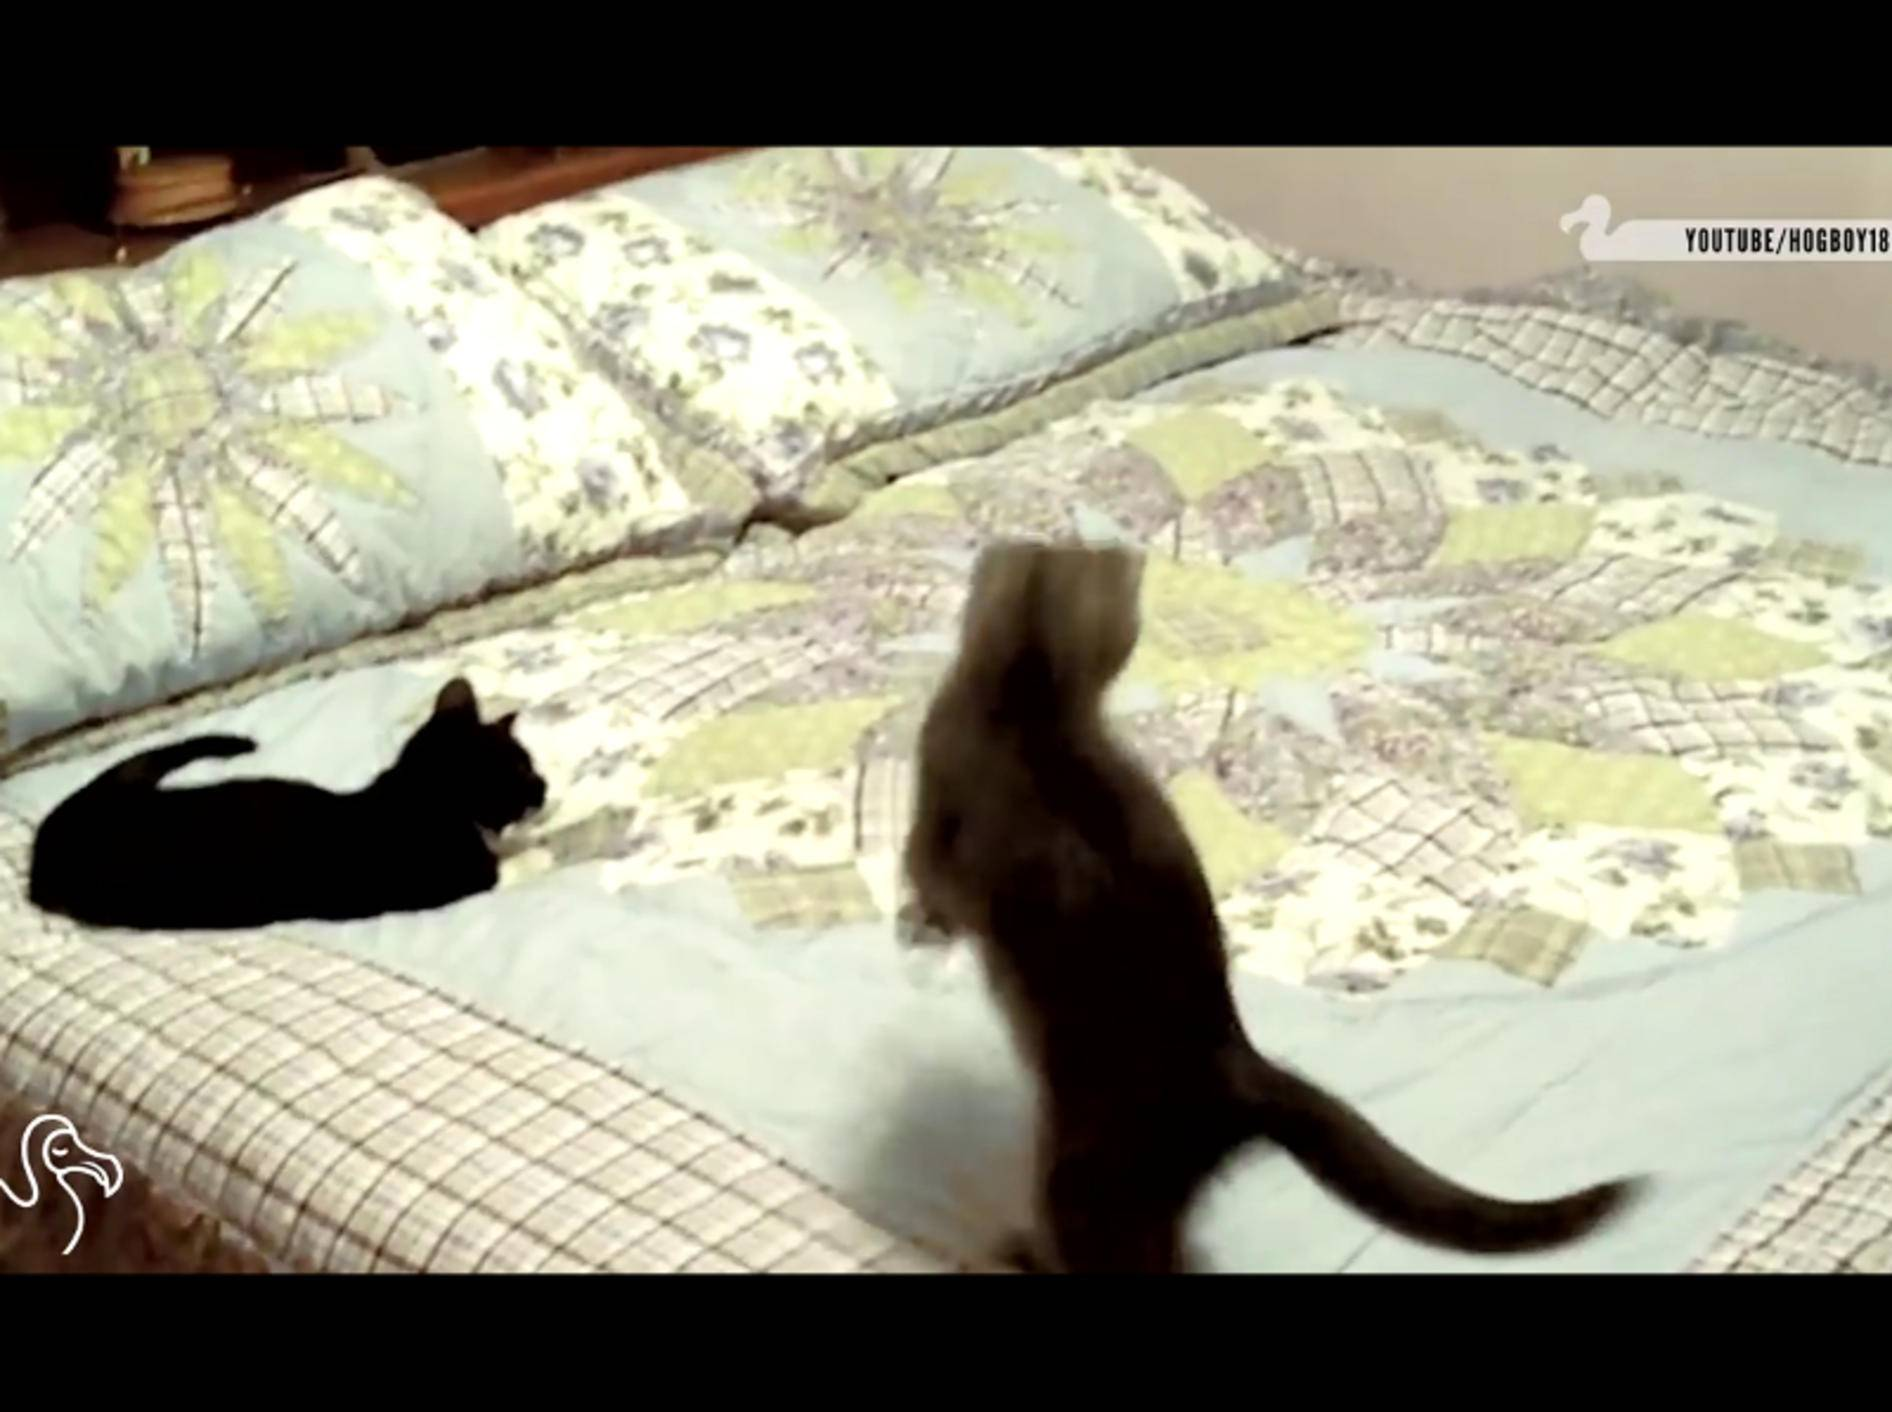 Diese Katzen glauben, dass sich etwas Lebendiges unter der Bettdecke versteckt – YouTube / The Dodo